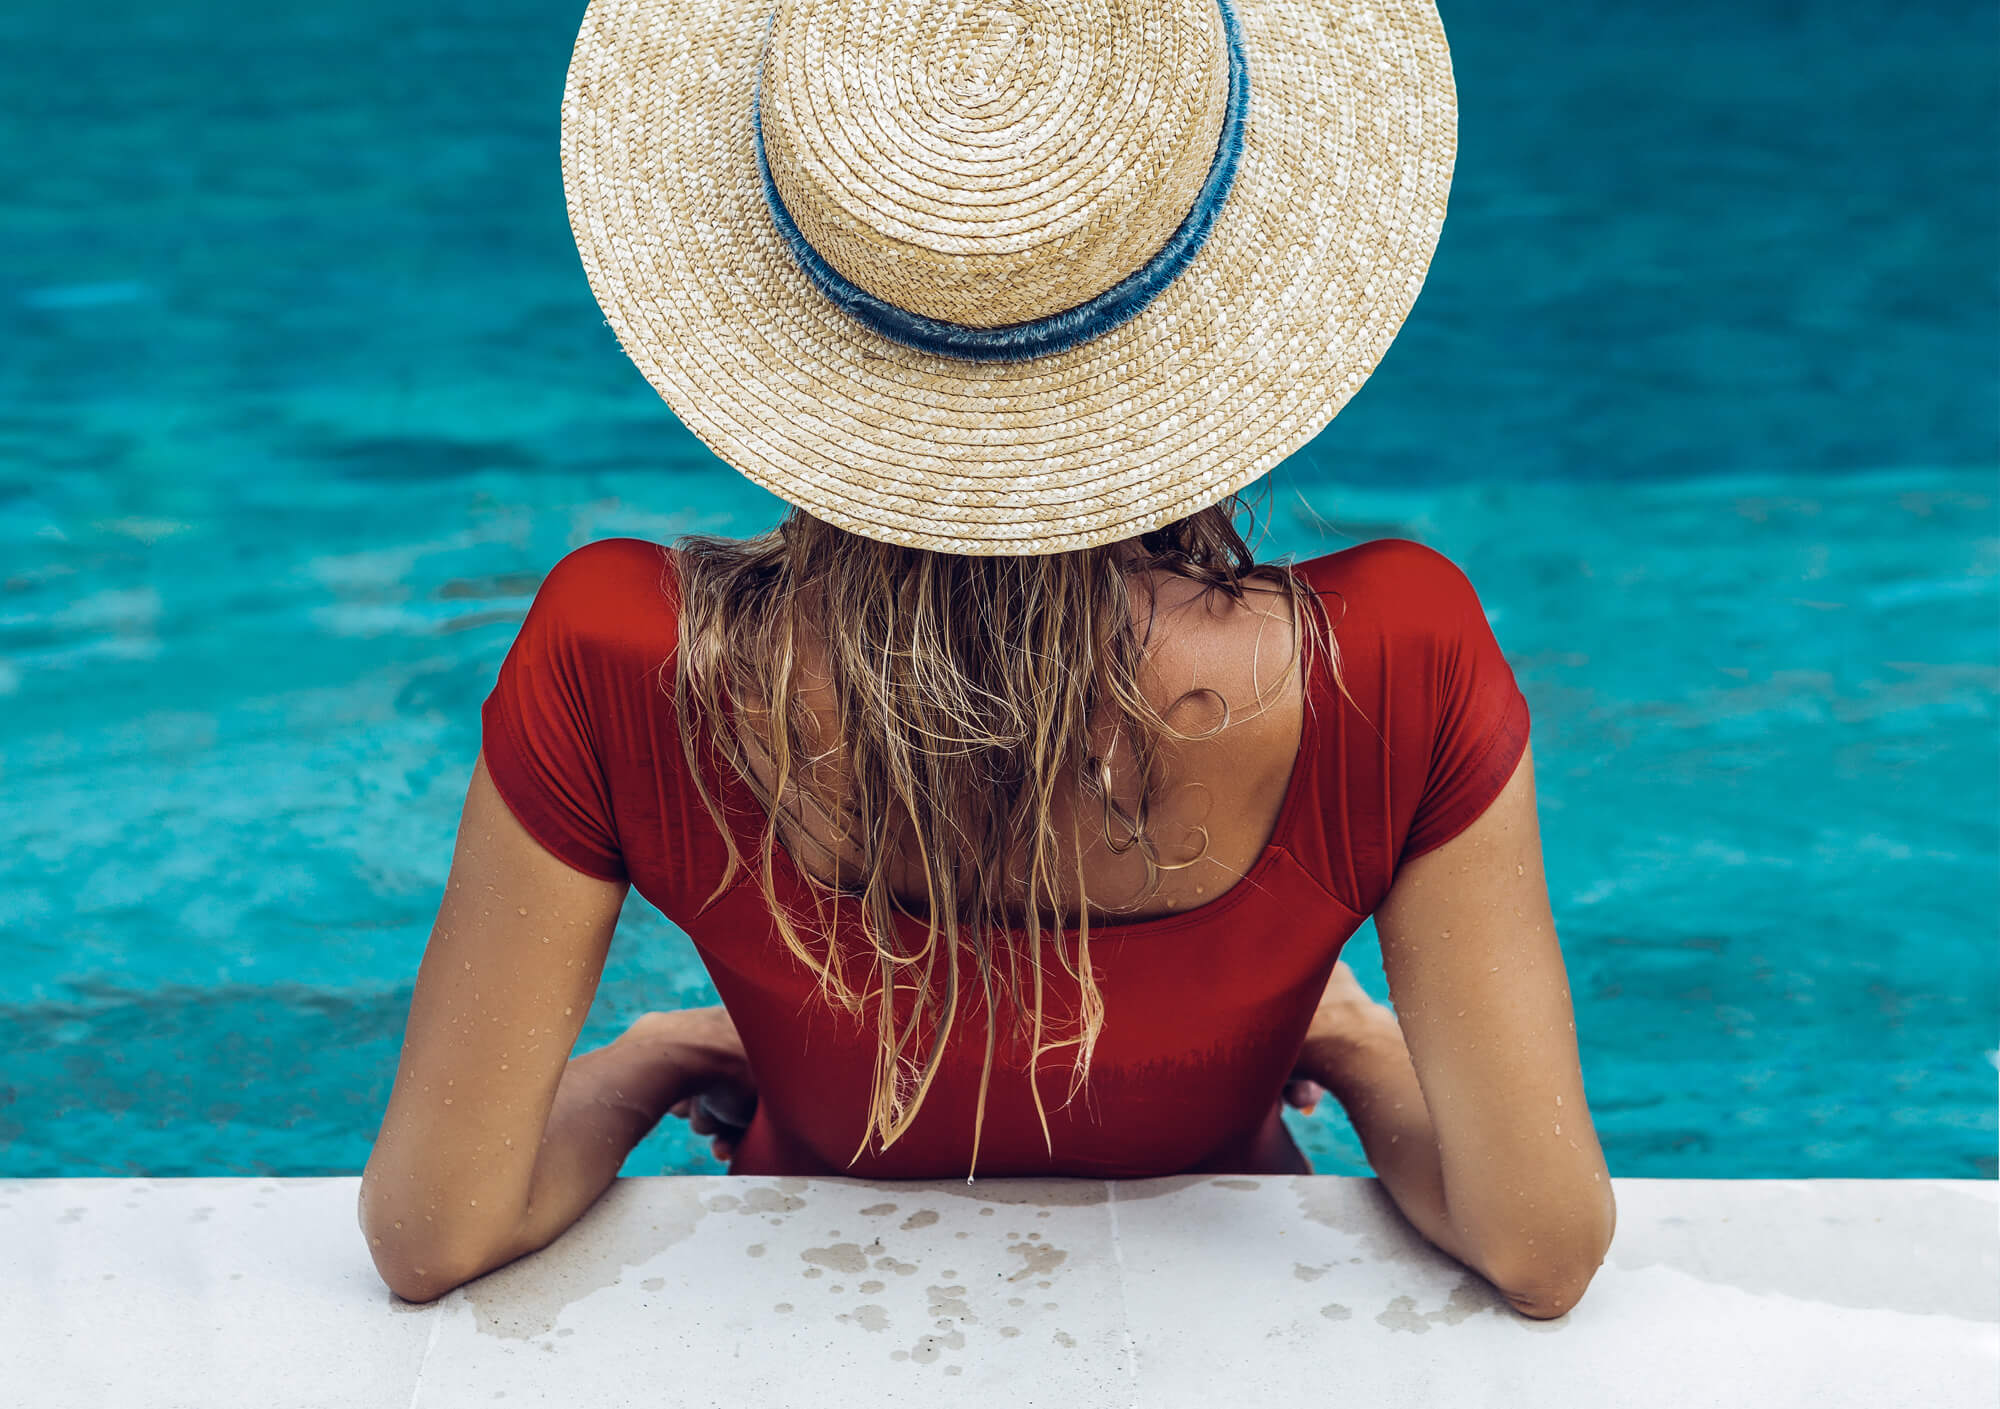 Women in the swimming pool